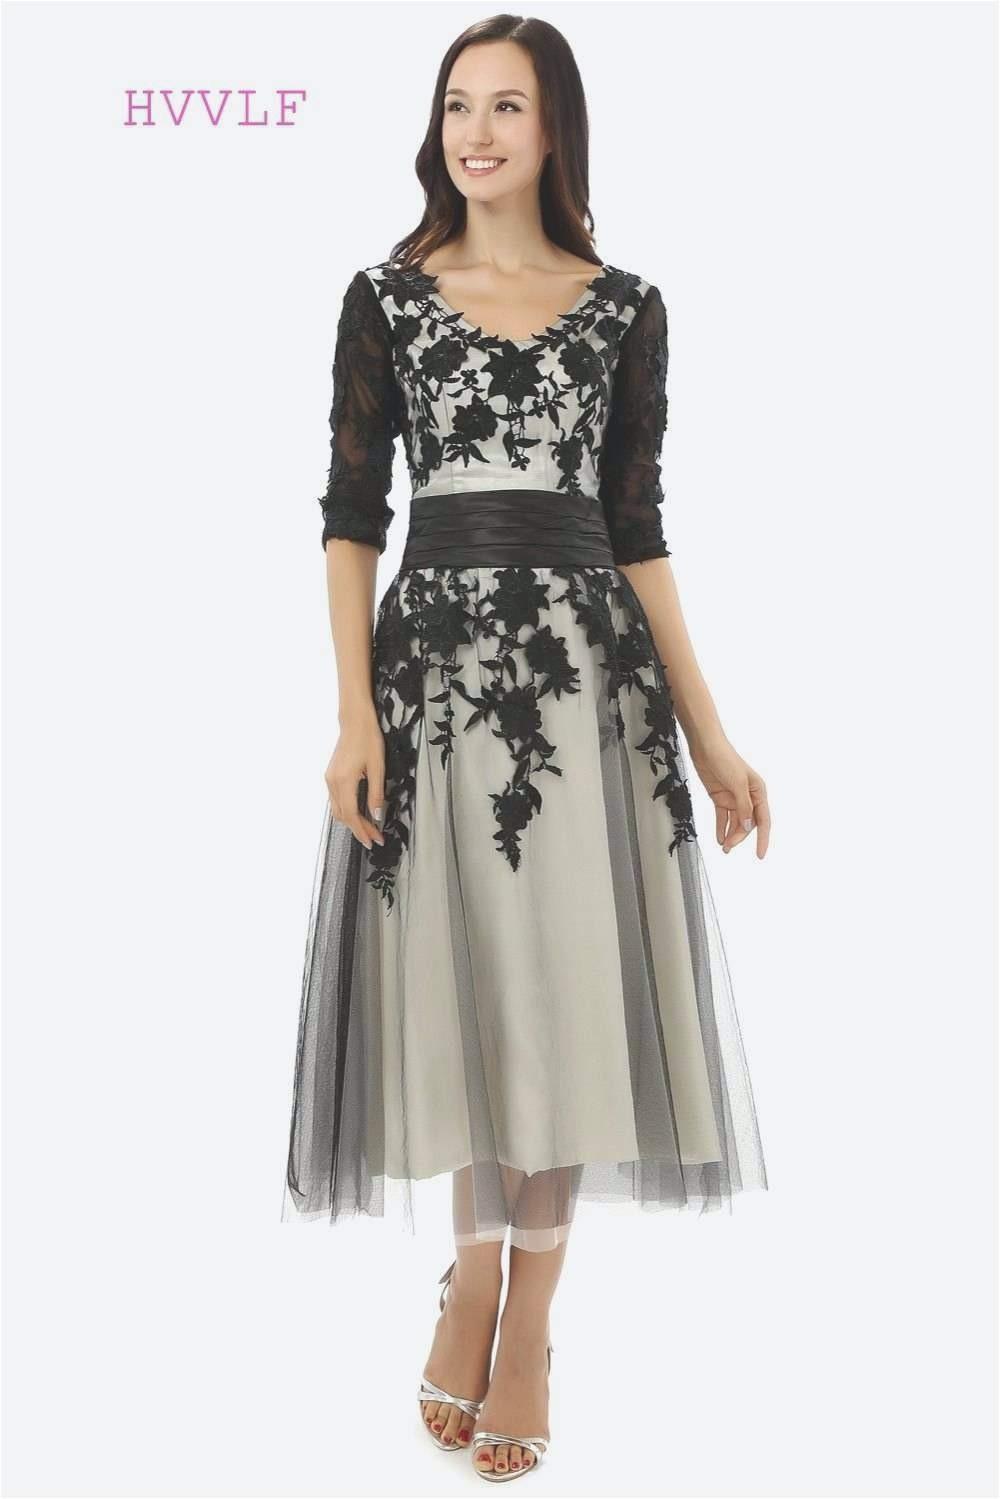 Coolste Abendkleider Frankfurt GalerieDesigner Elegant Abendkleider Frankfurt für 2019